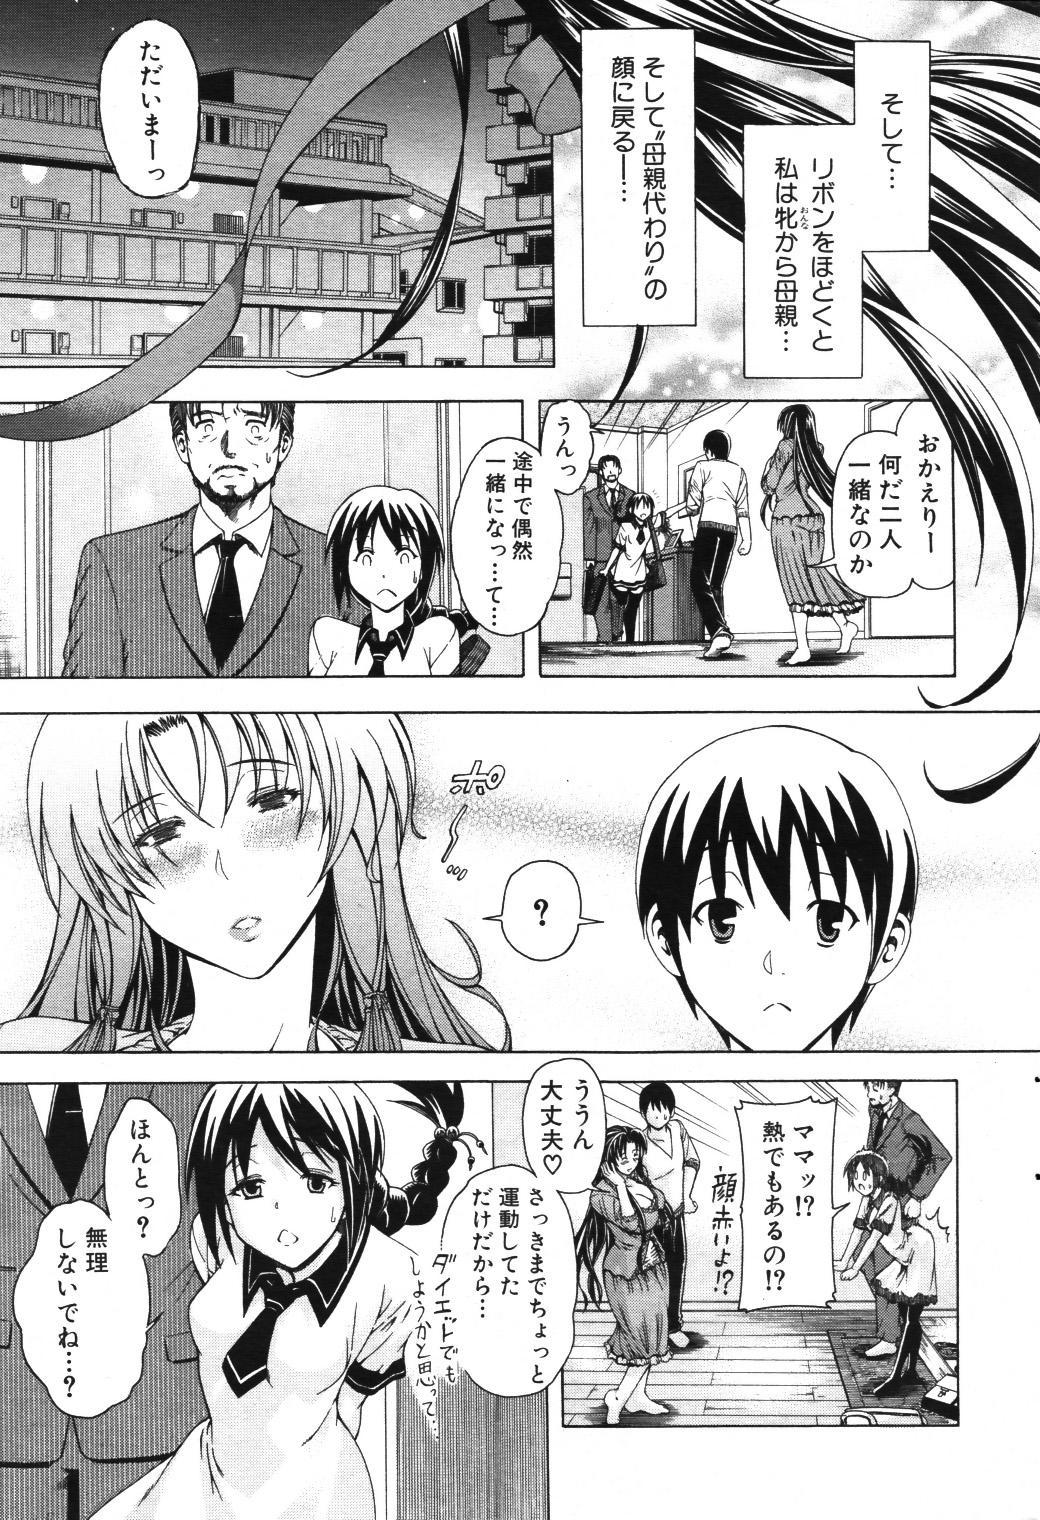 Himitsu no Sign - Secret Signature 31